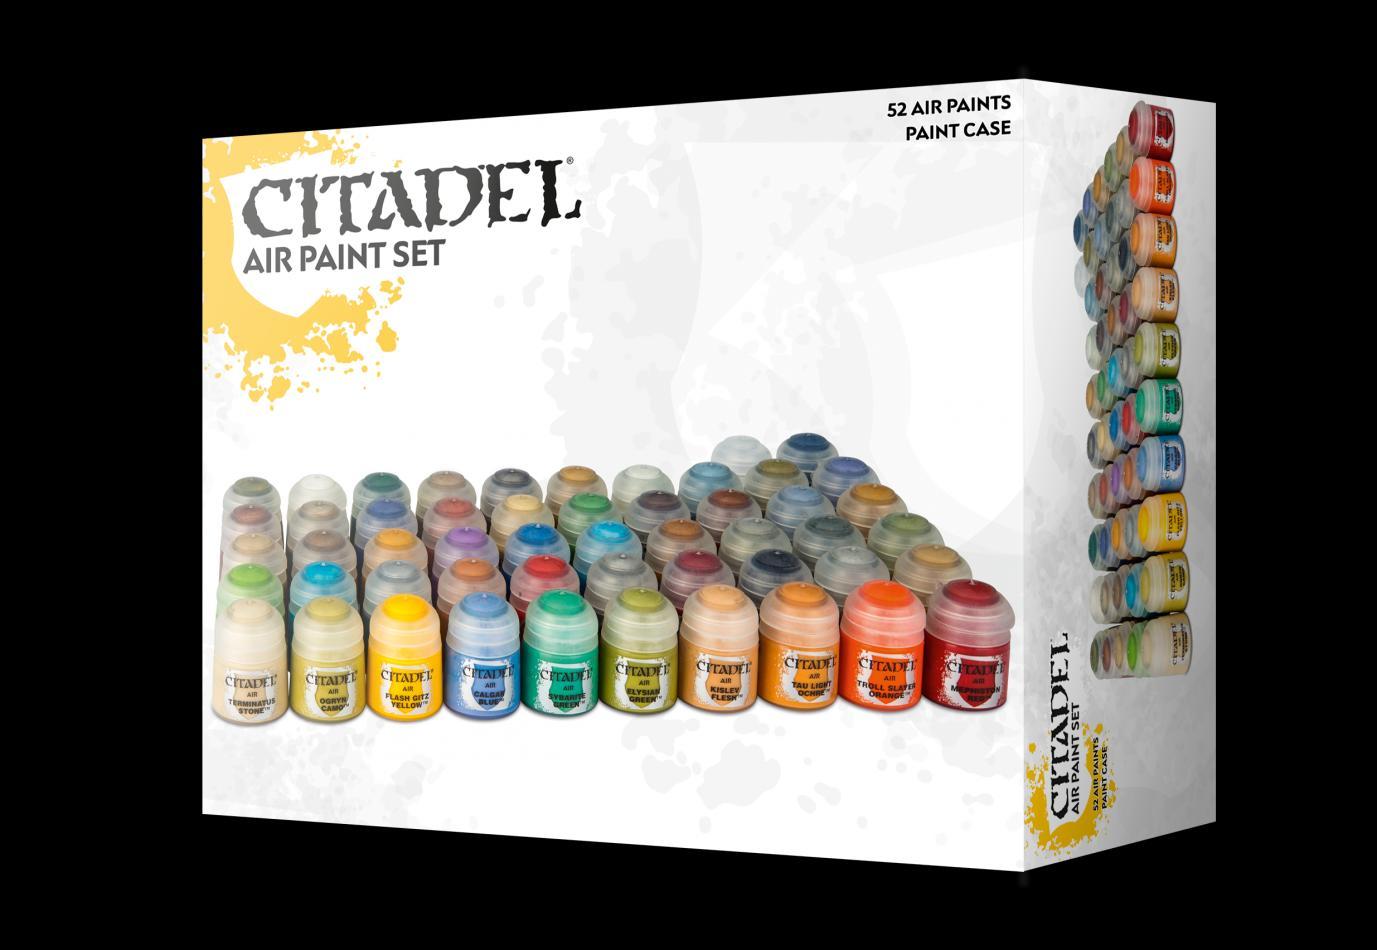 Citadel Air Paint Set (2017)